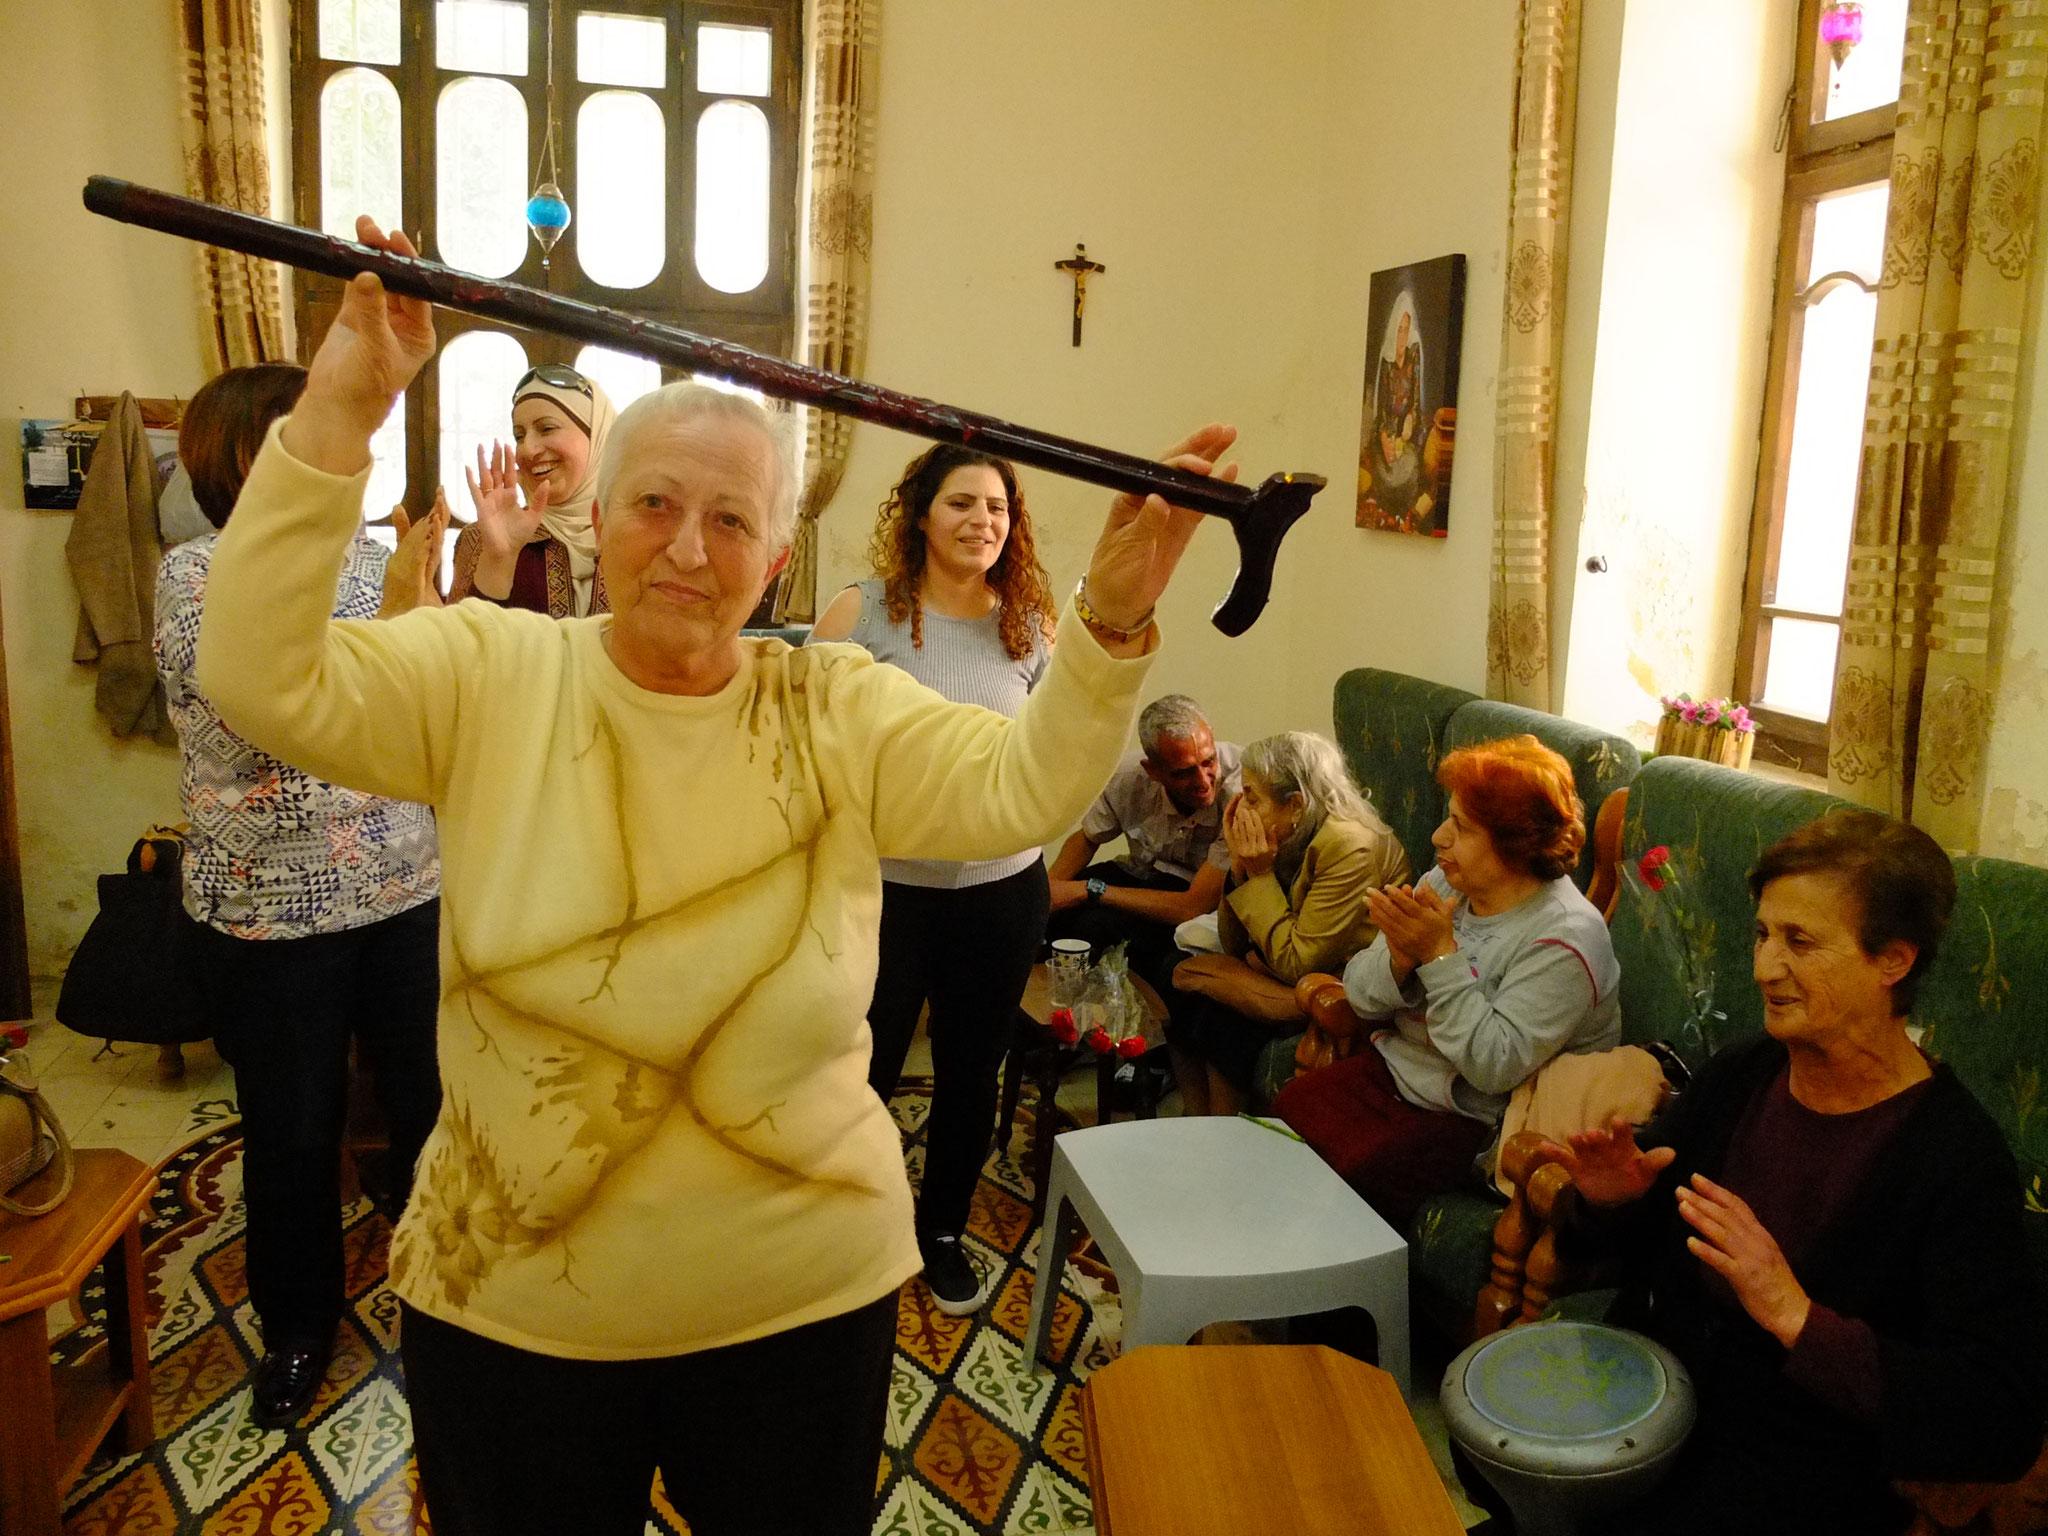 Tagesbetreuungsstätte der Caritas Jerusalem für ältere Menschen in Ramallah